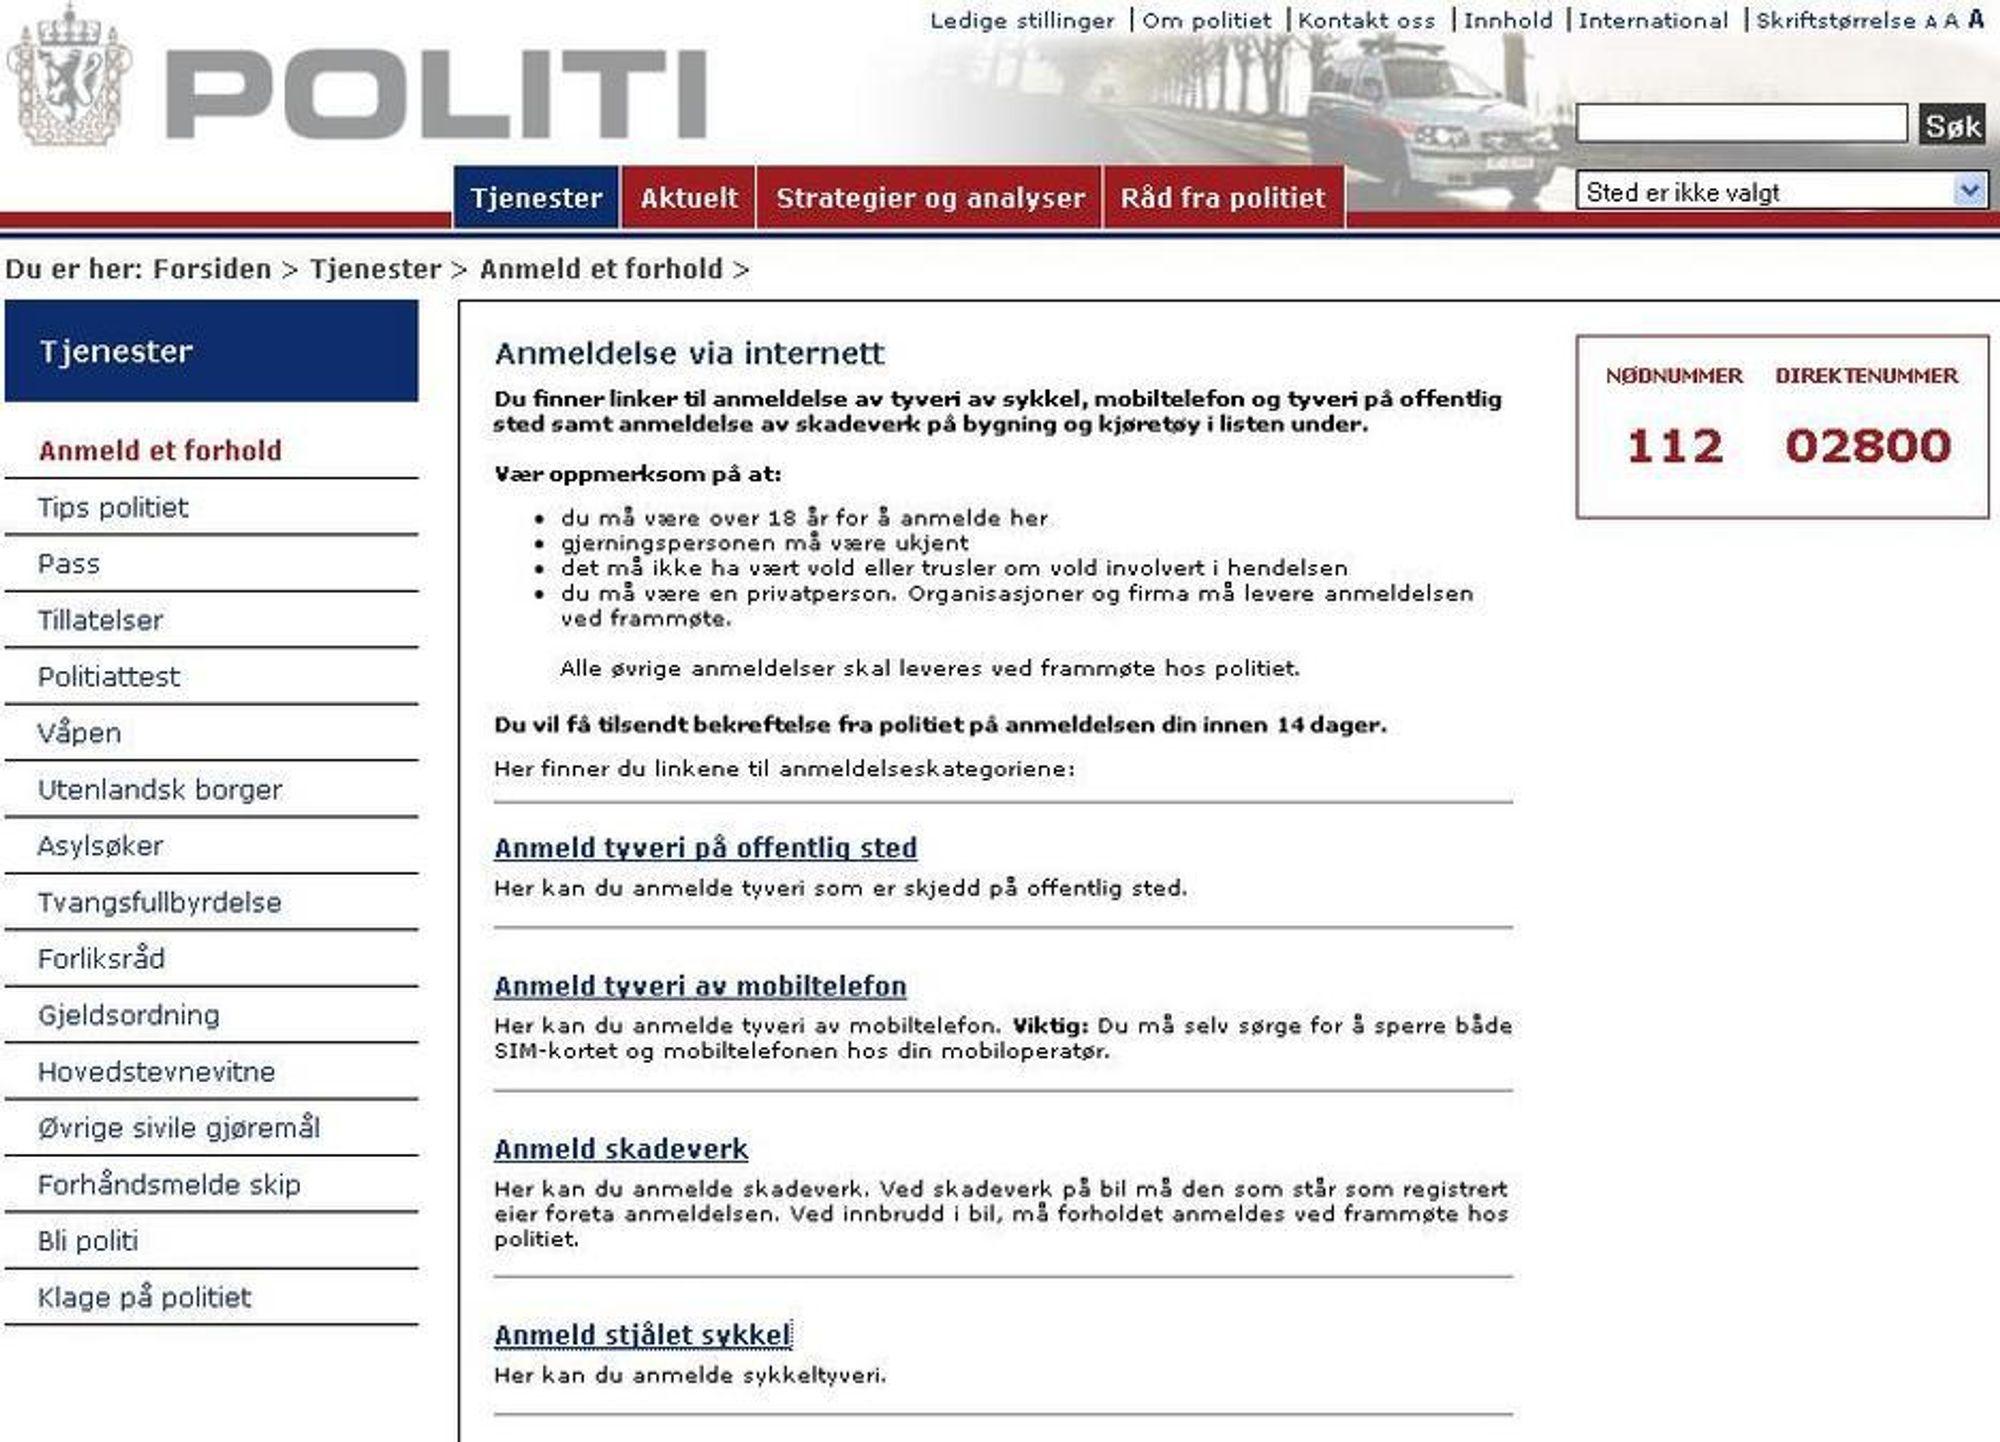 Nå kan man anmelde på nettet. Nye politi.no lansert 310809.